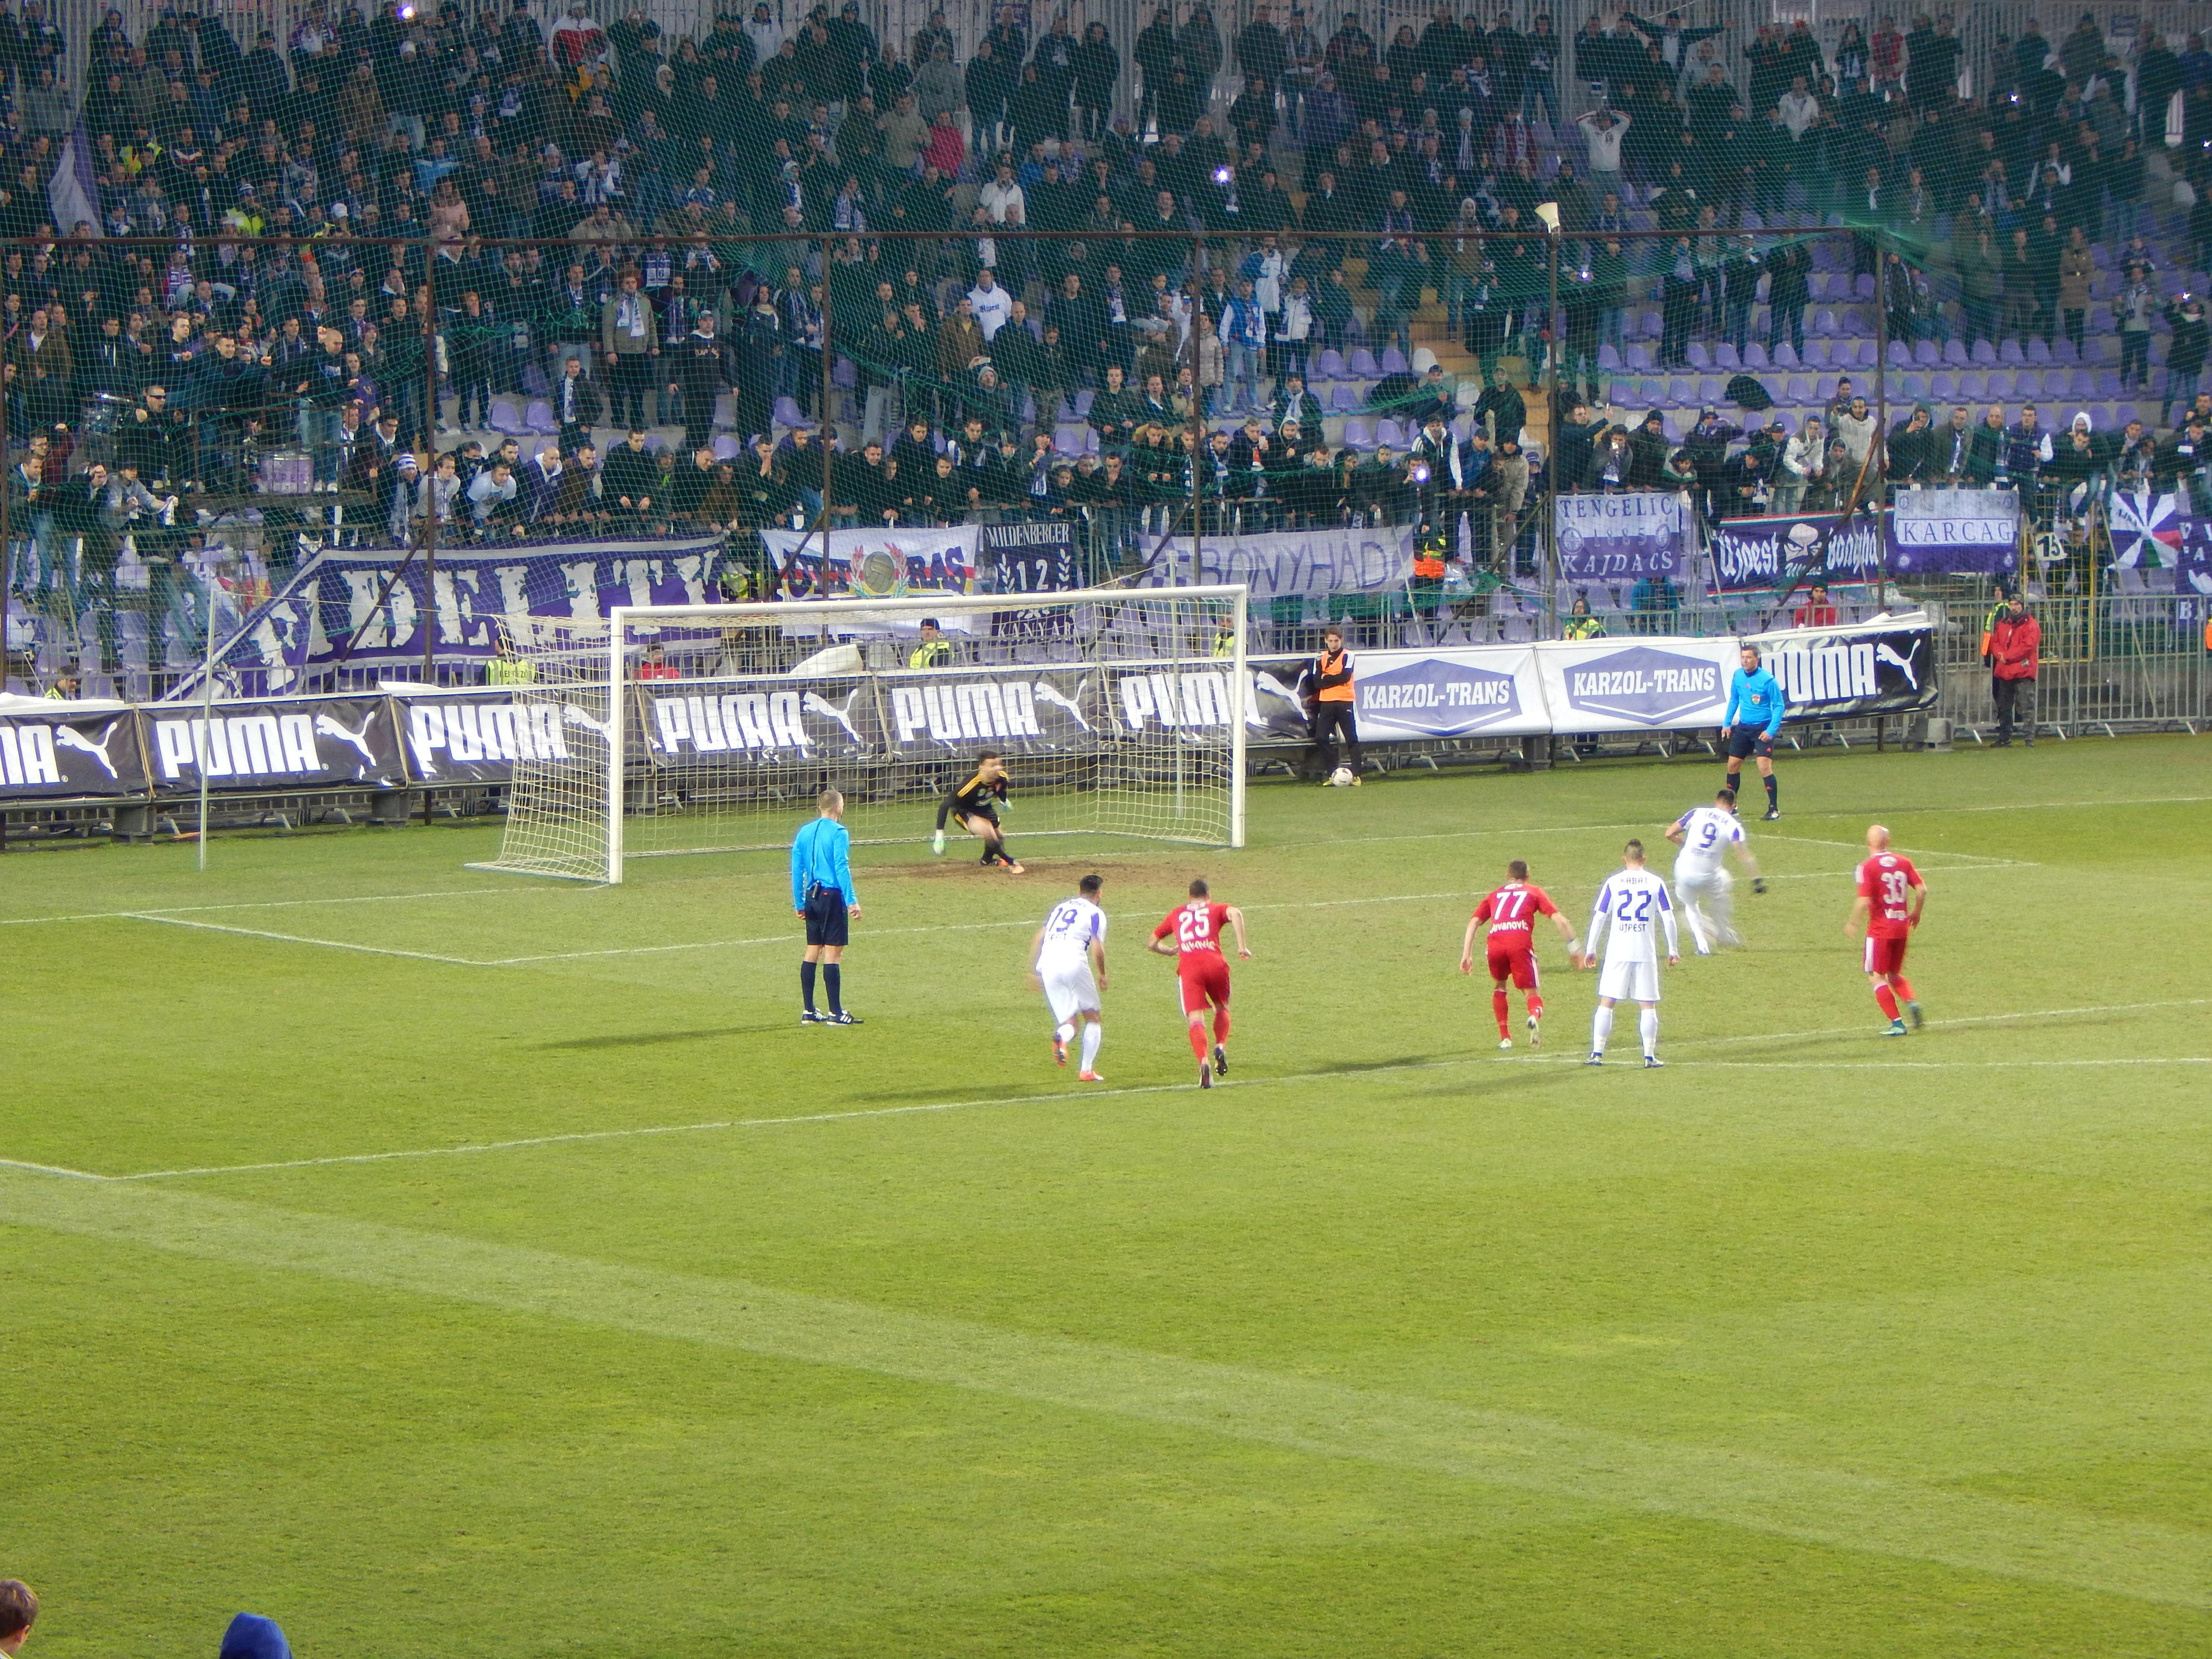 Mindenhol blog - mndnhl.blog.hu - Újpest-Debrecen 1-1